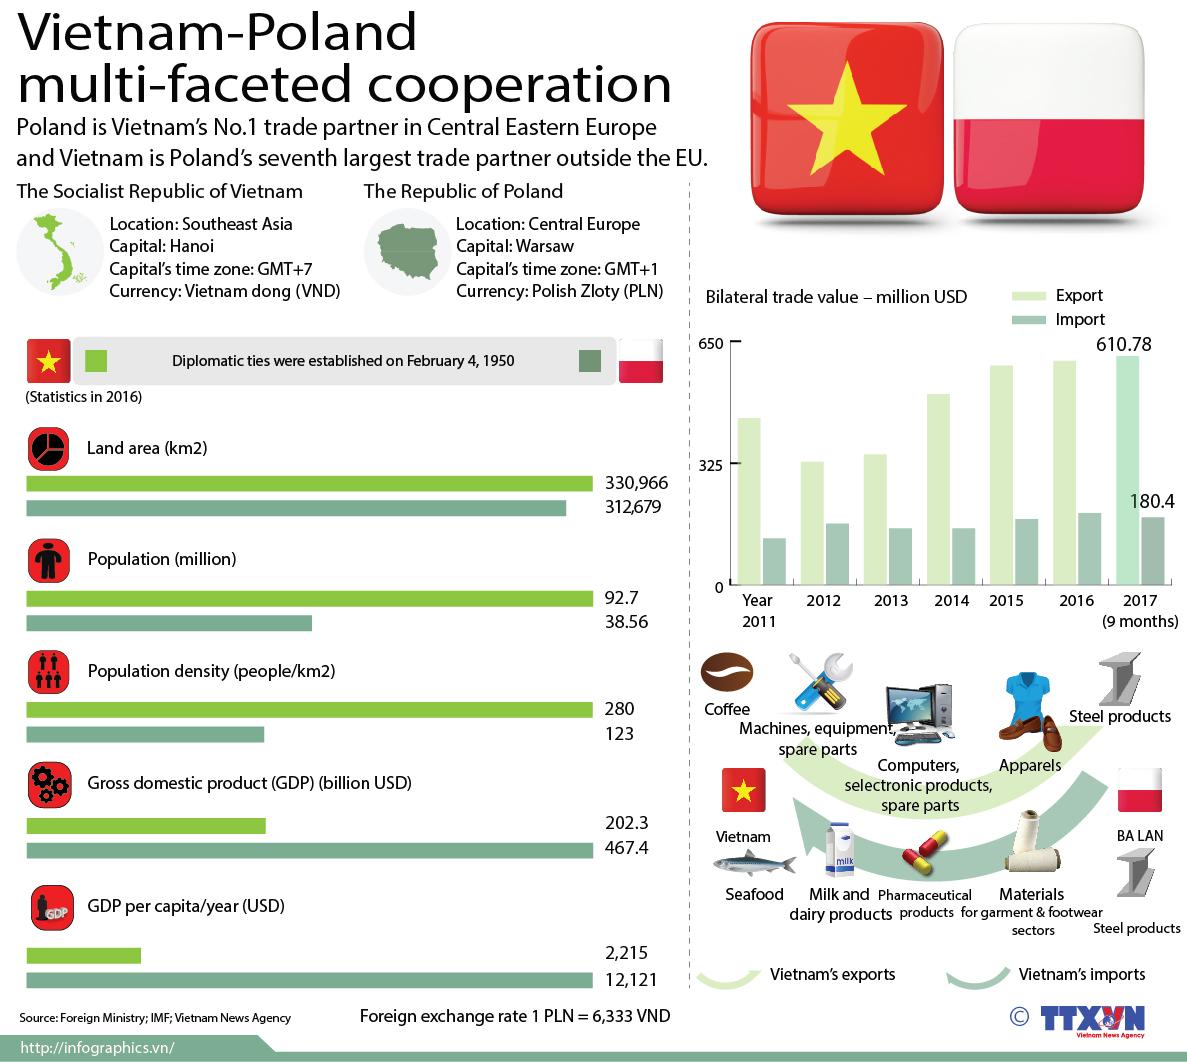 Vietnam-Poland